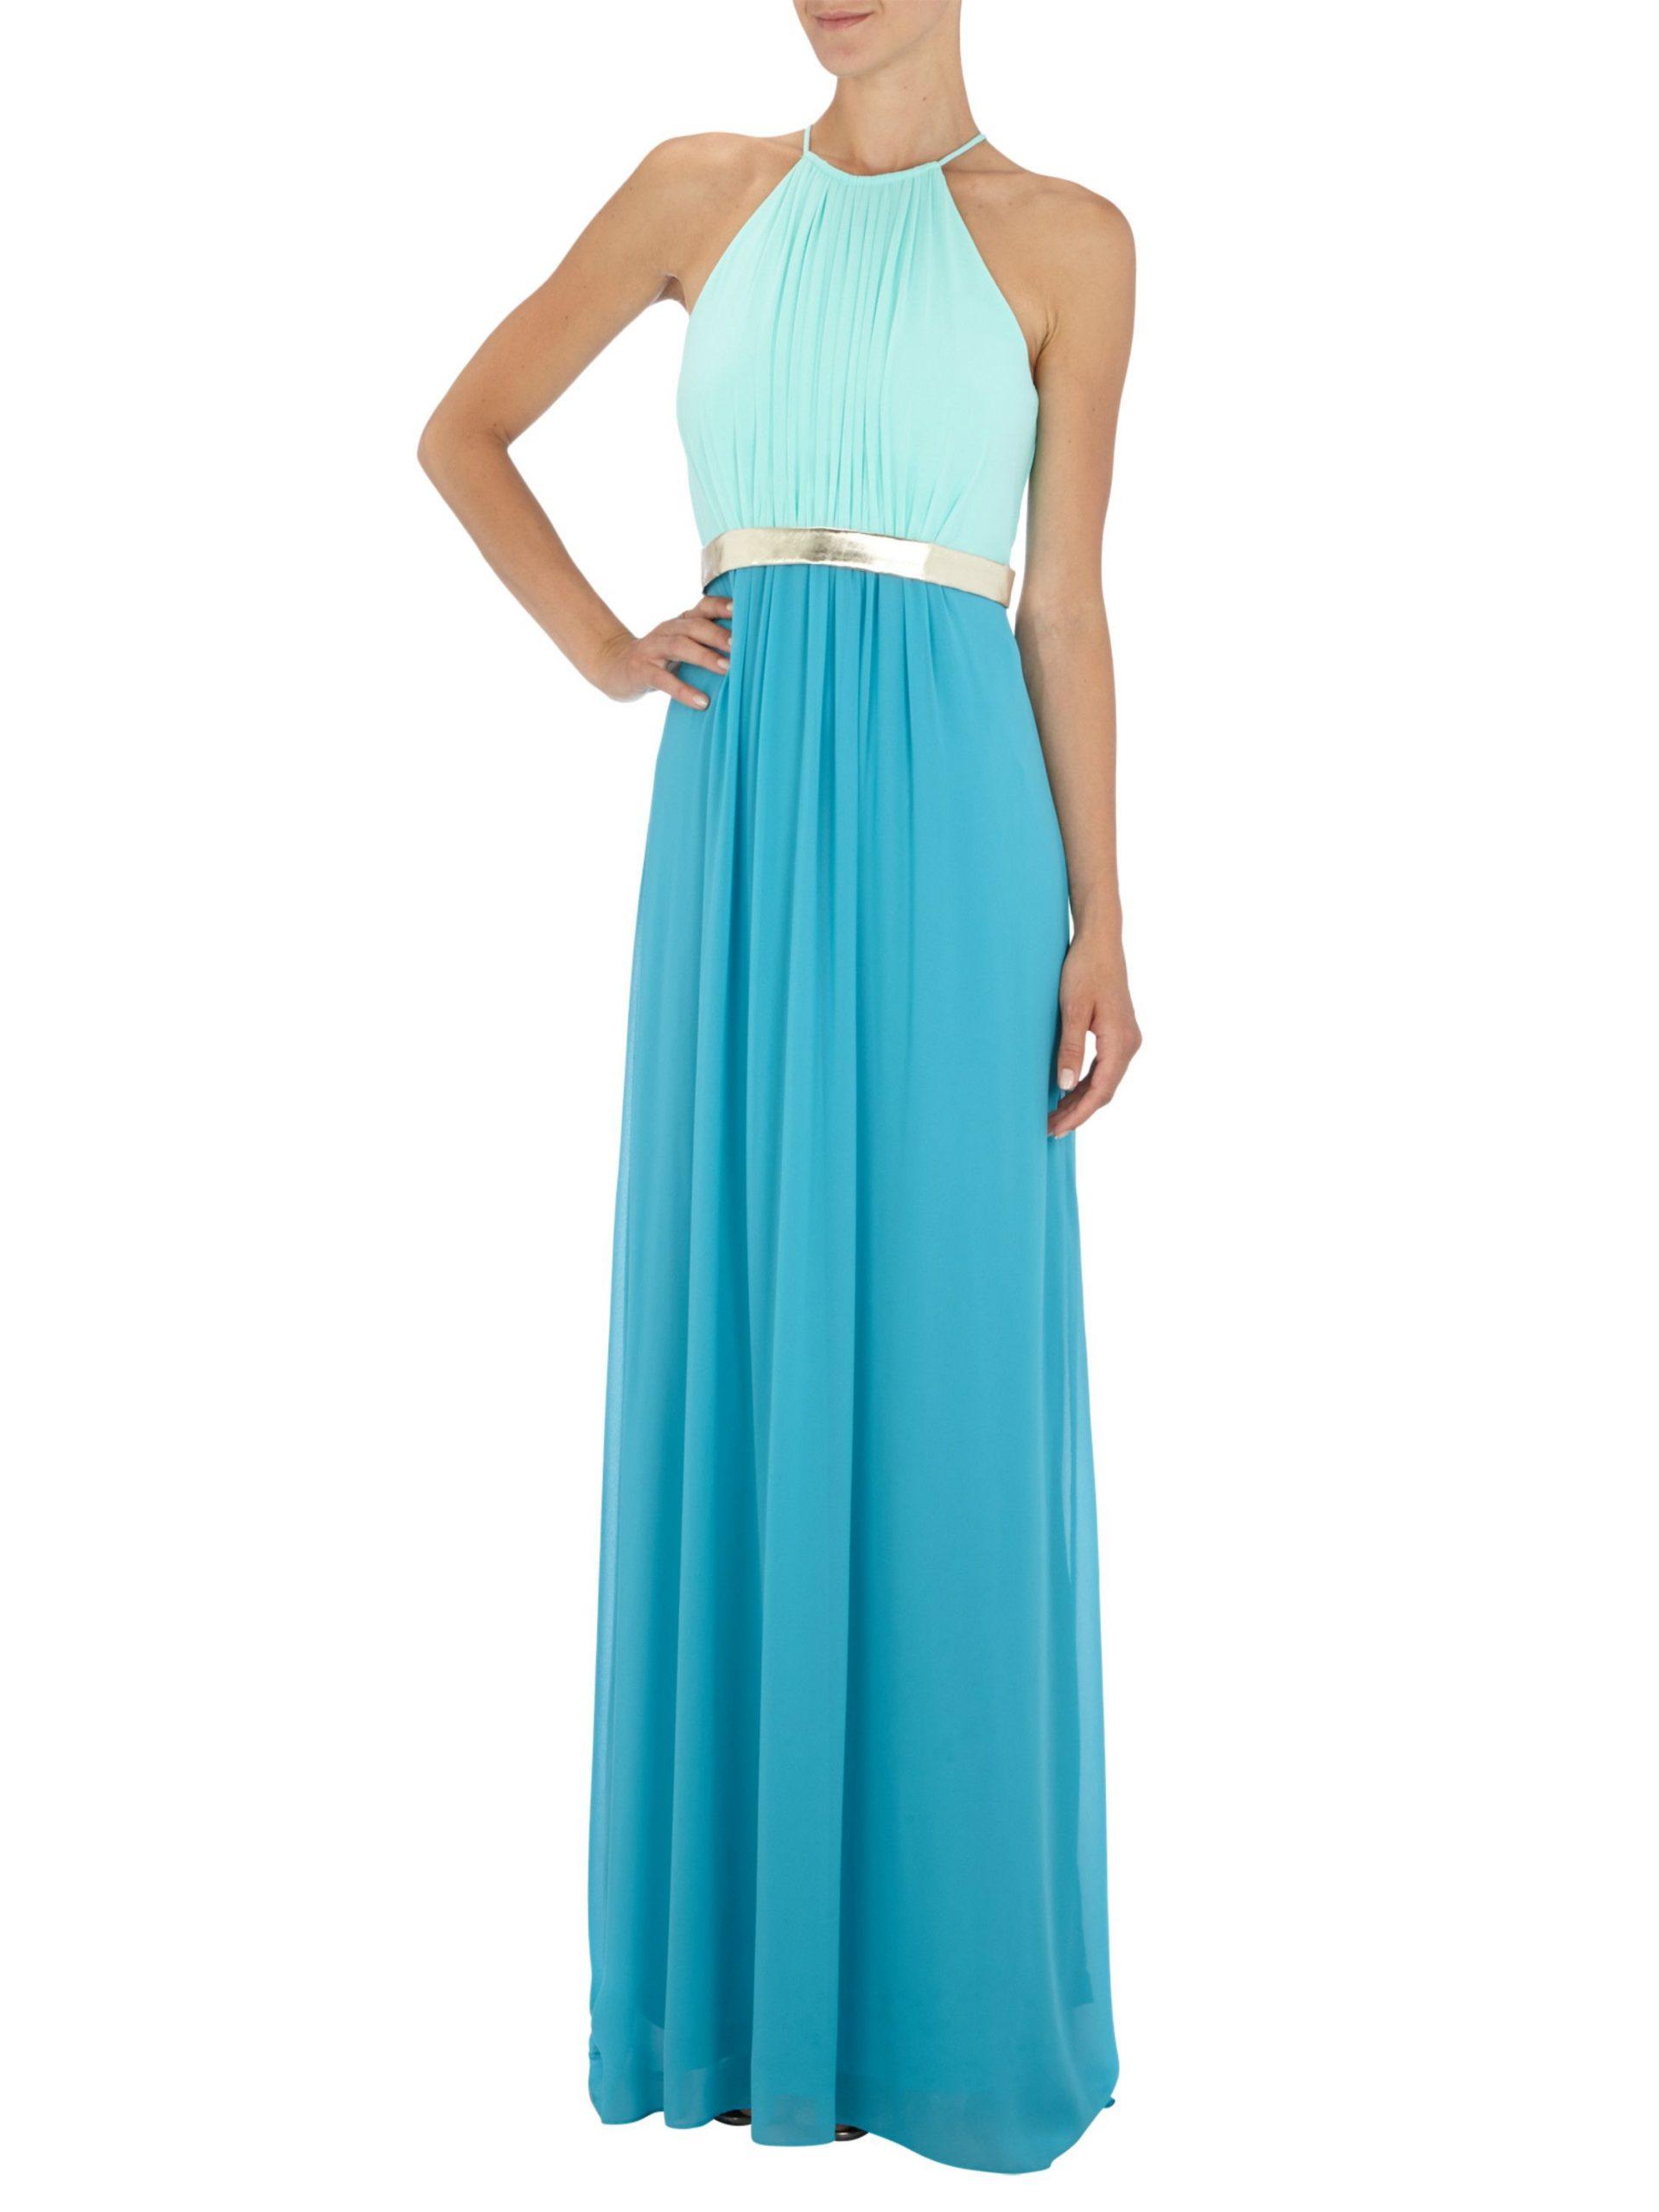 15 Genial Jakes Abendkleid Blau StylishAbend Cool Jakes Abendkleid Blau Galerie